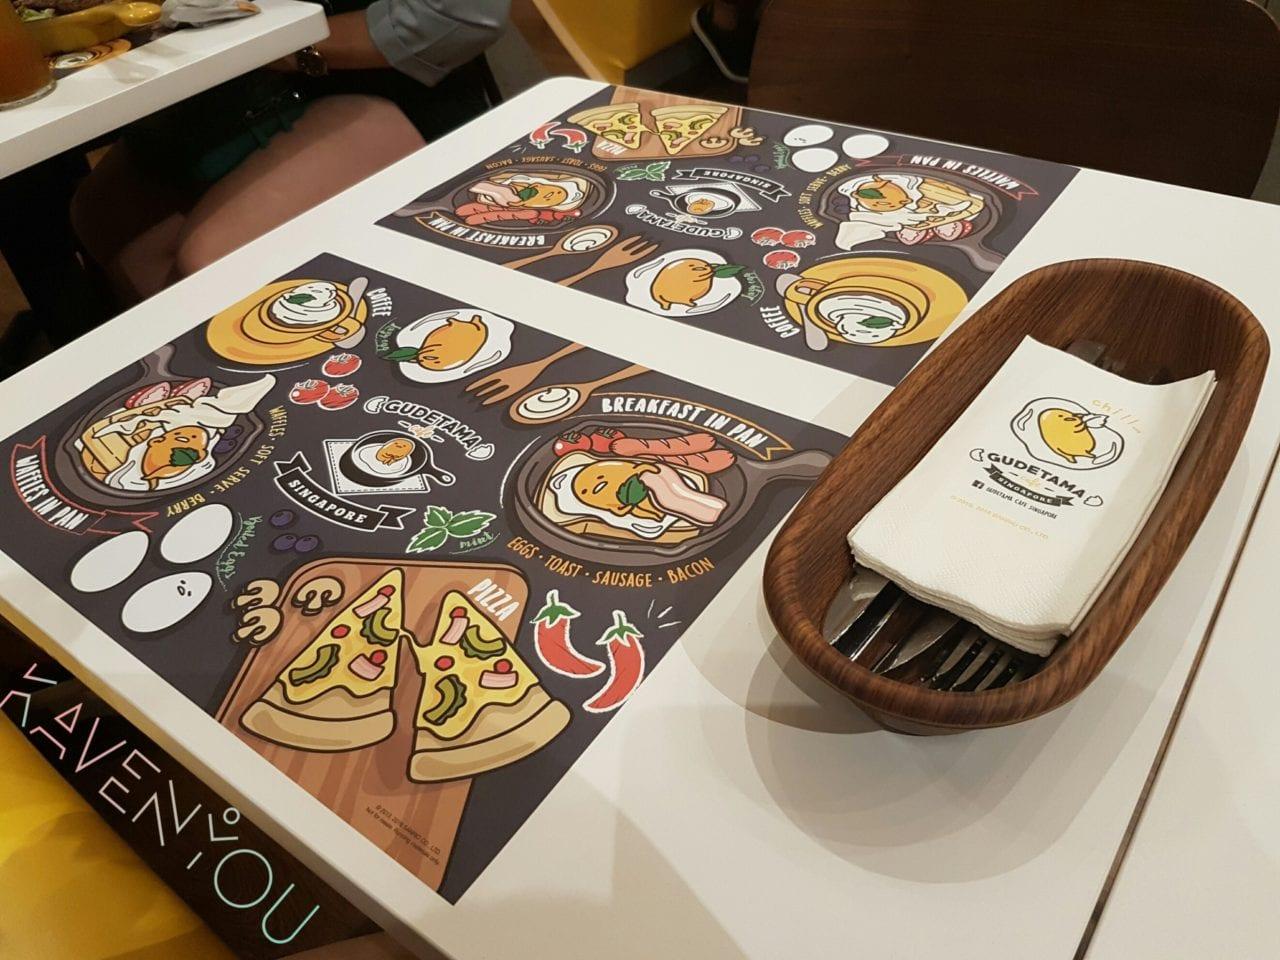 Gudetama Cafe Singapore